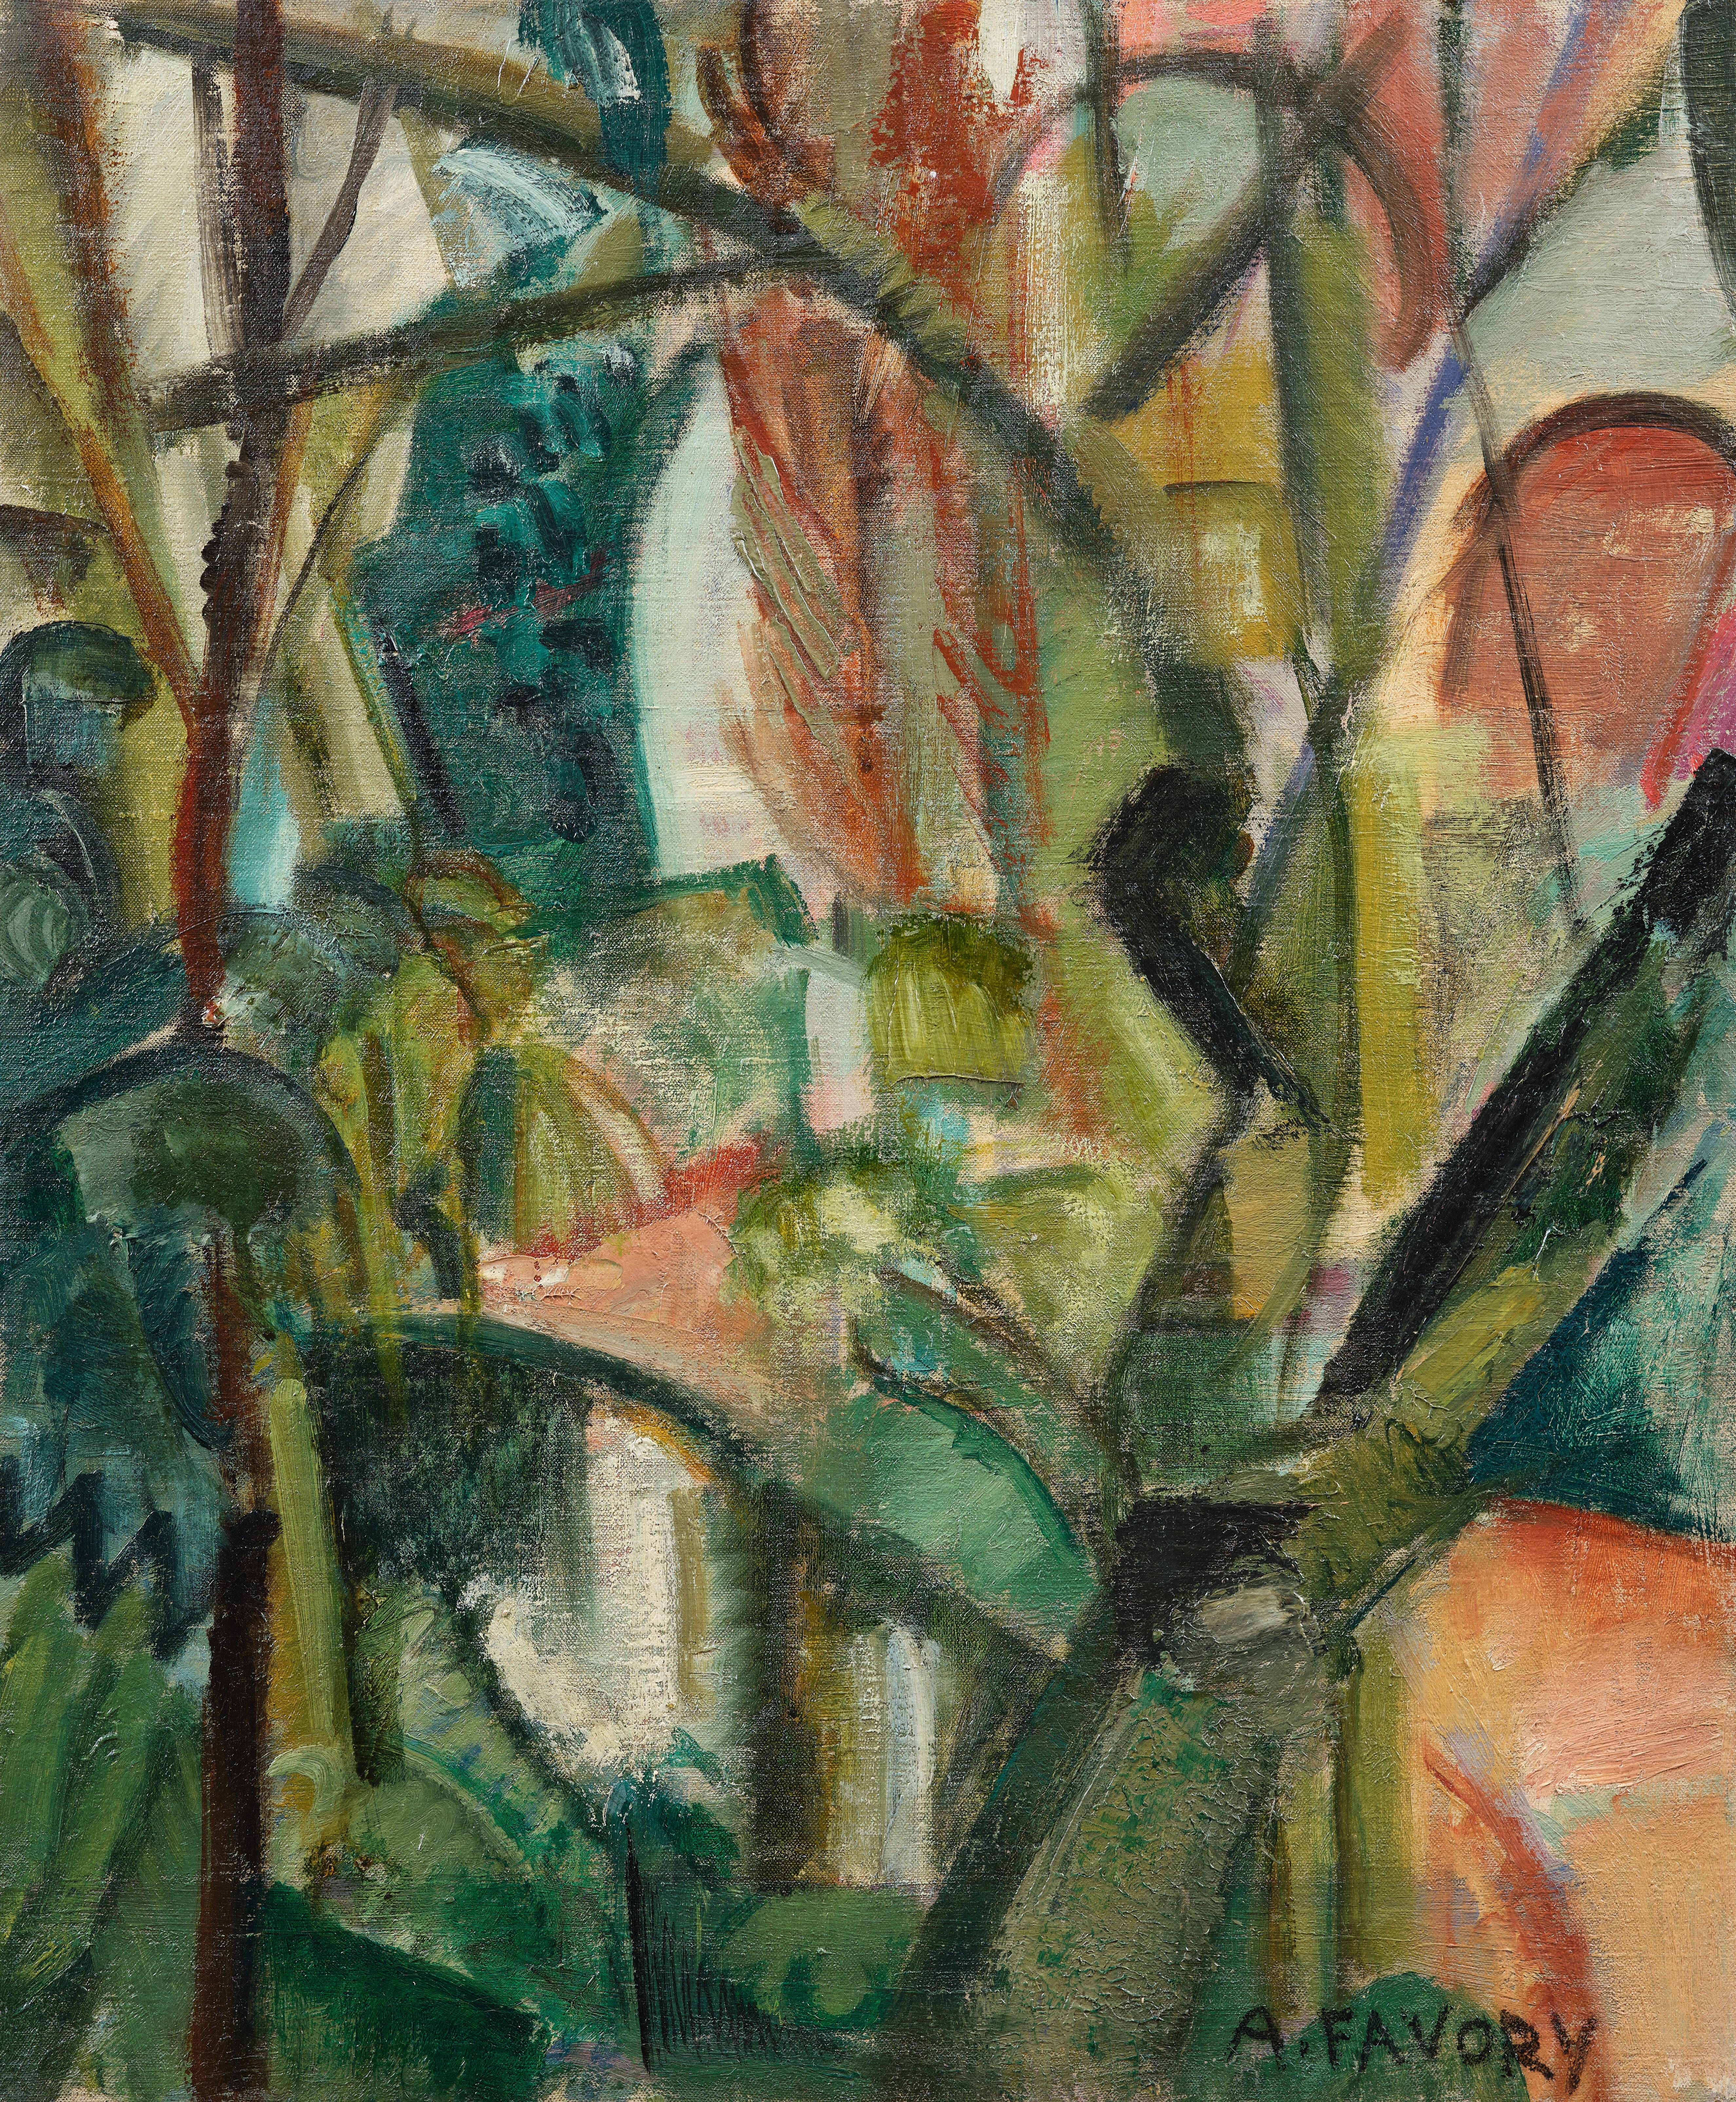 PAysage cubiste, village verdoyant - tableau de André Favory, vendu par la galerie Marek & Sons